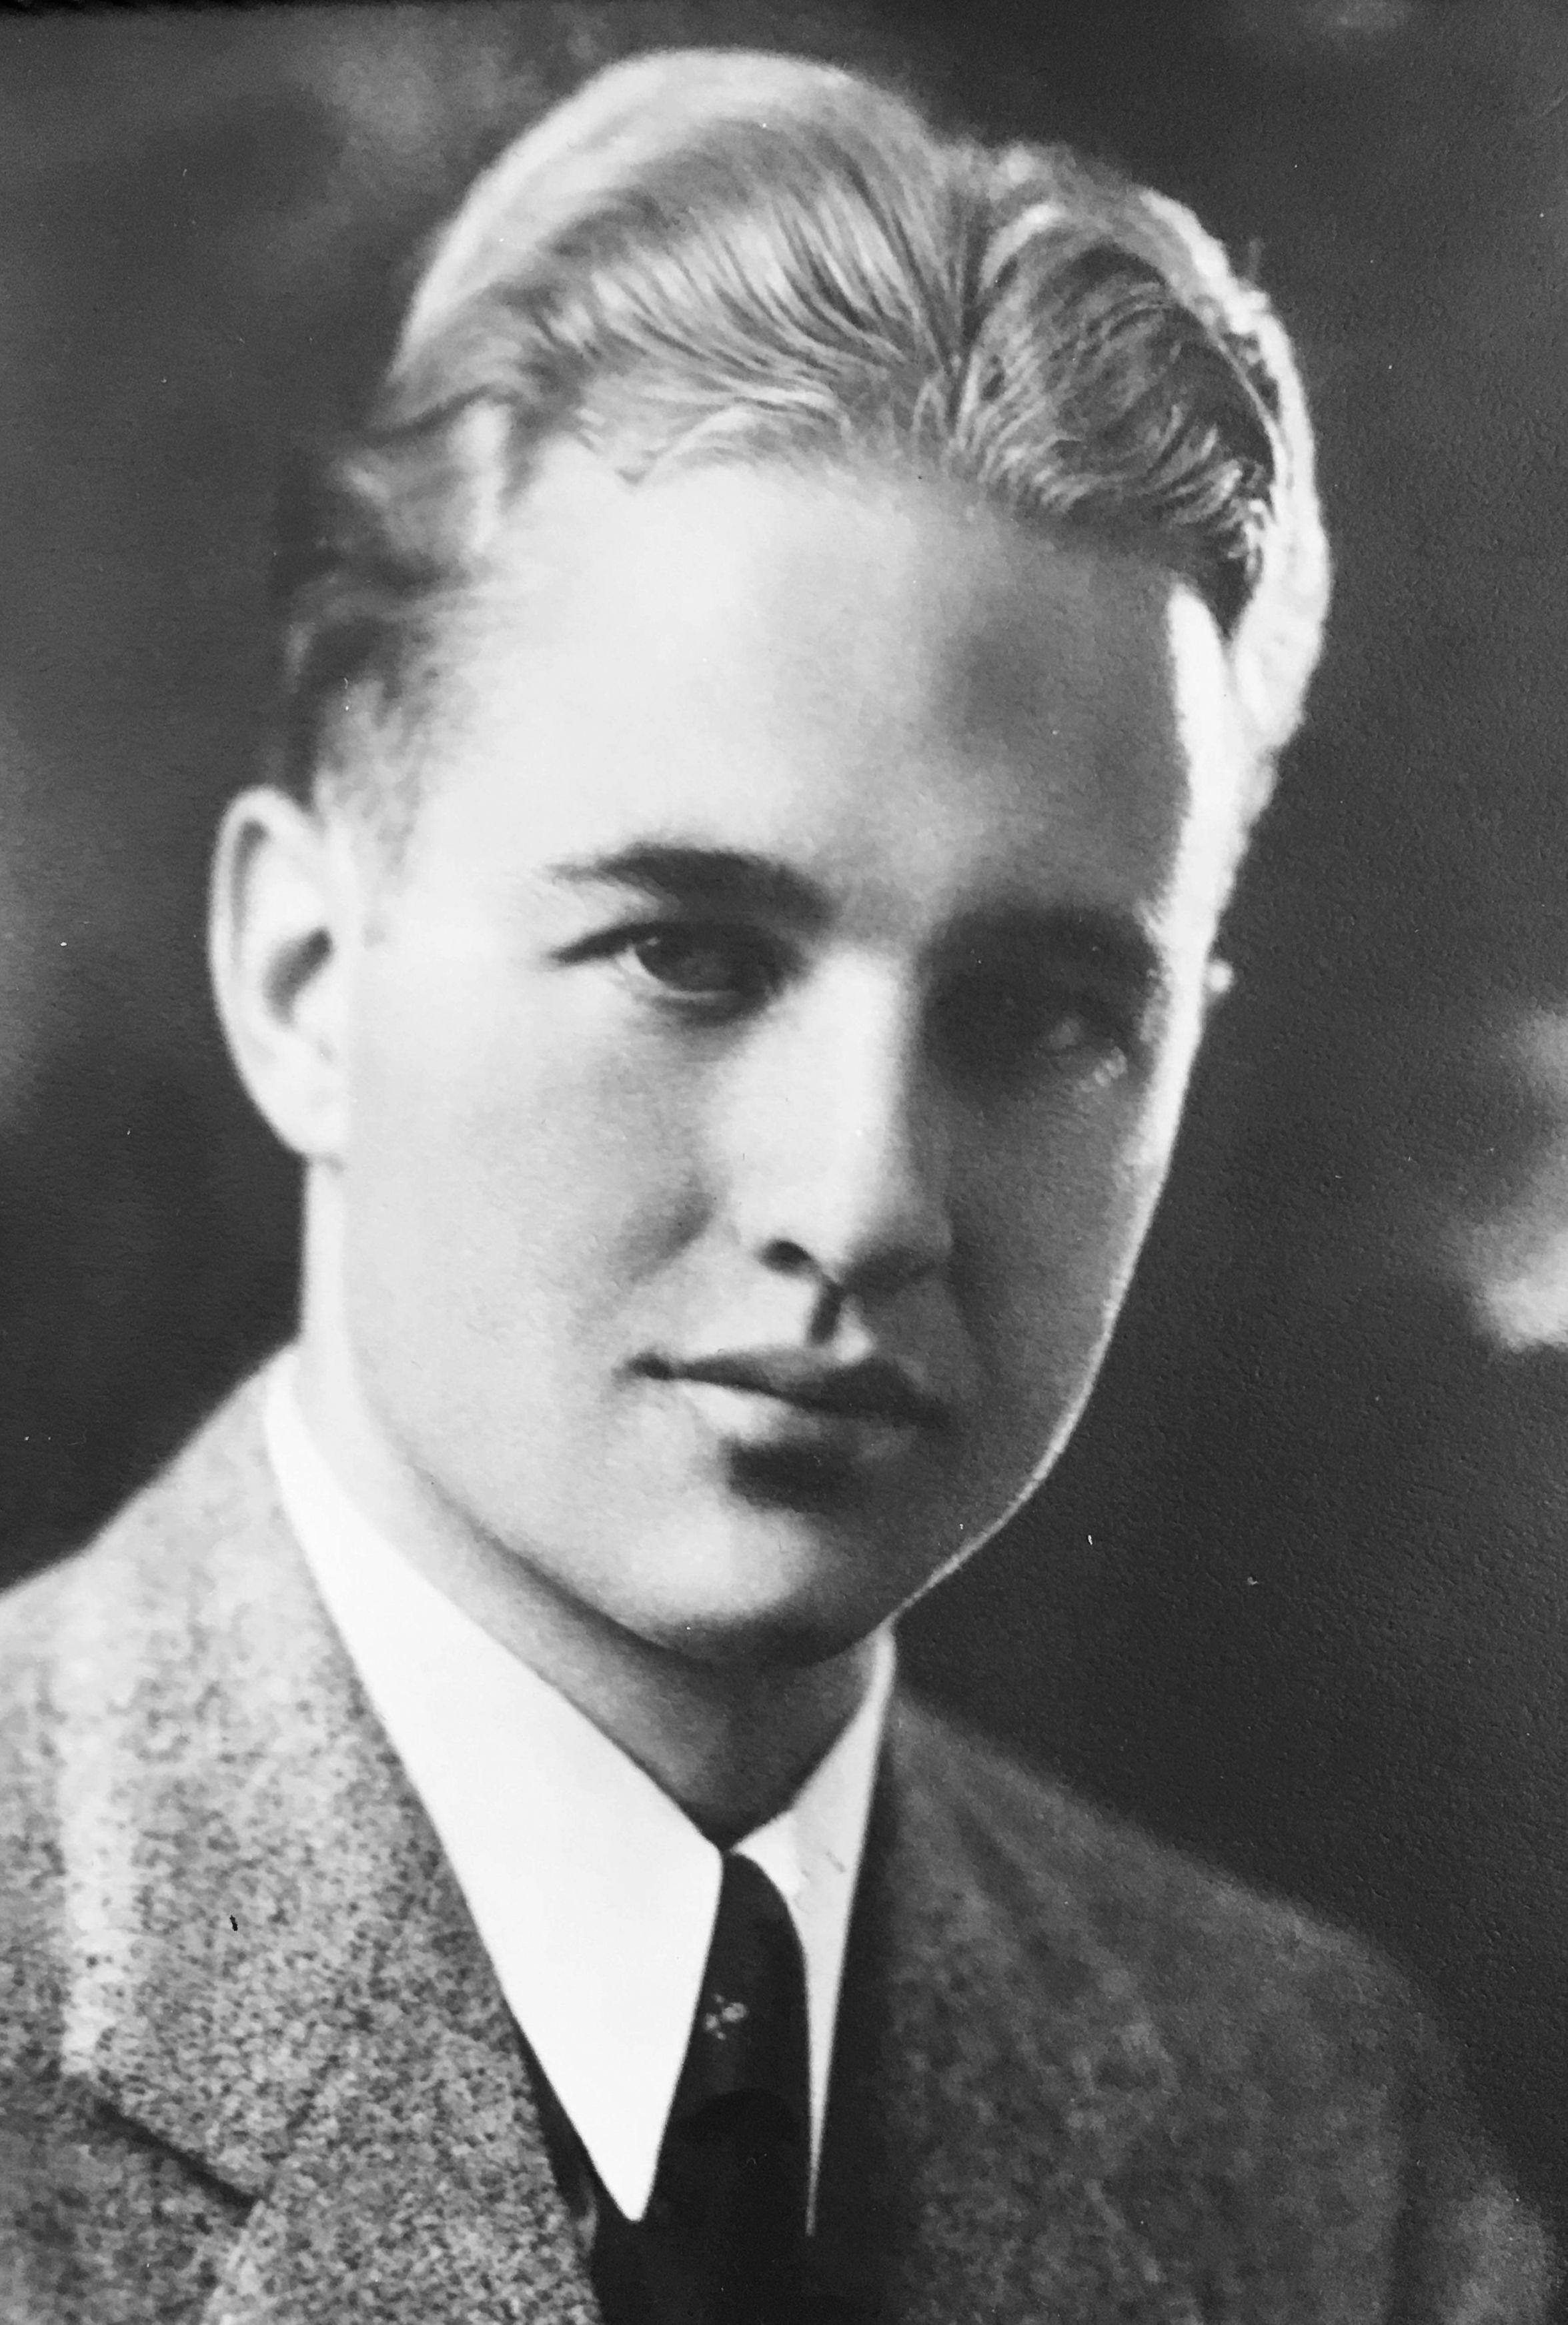 Boyer, Harold Reynolds